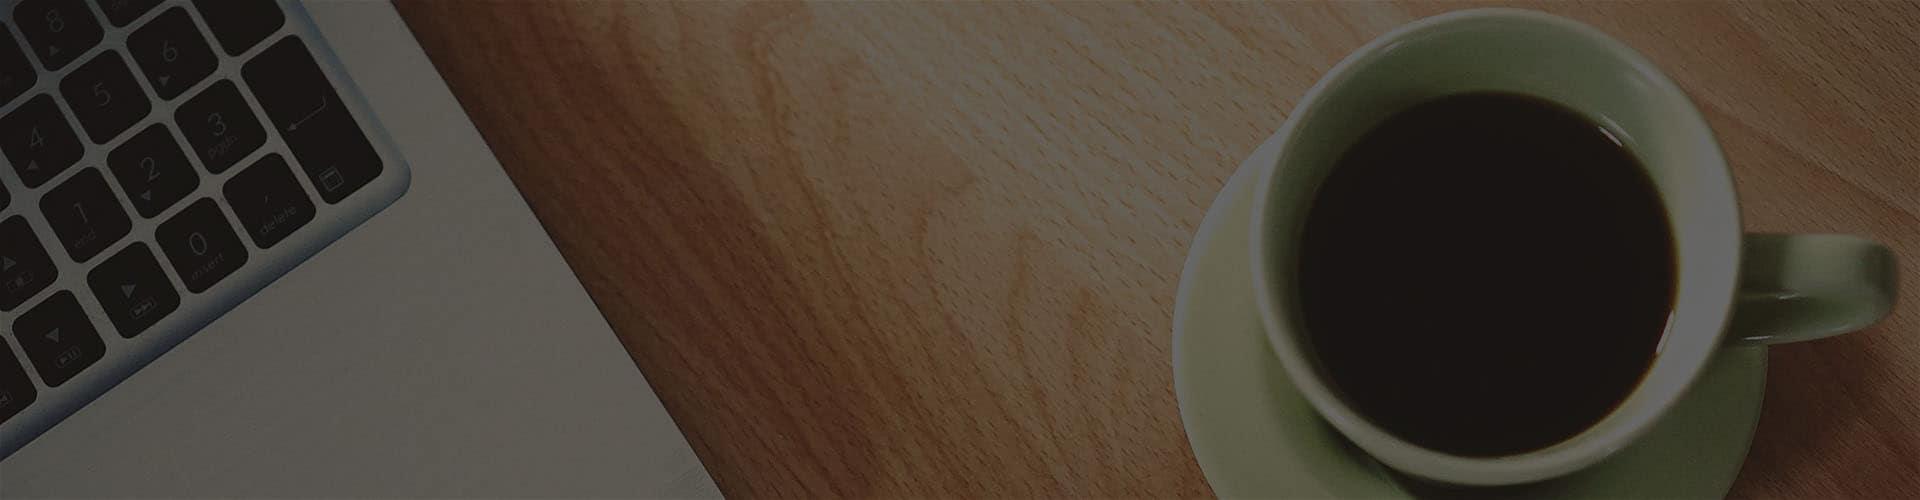 Ноутбук и чашка на столе